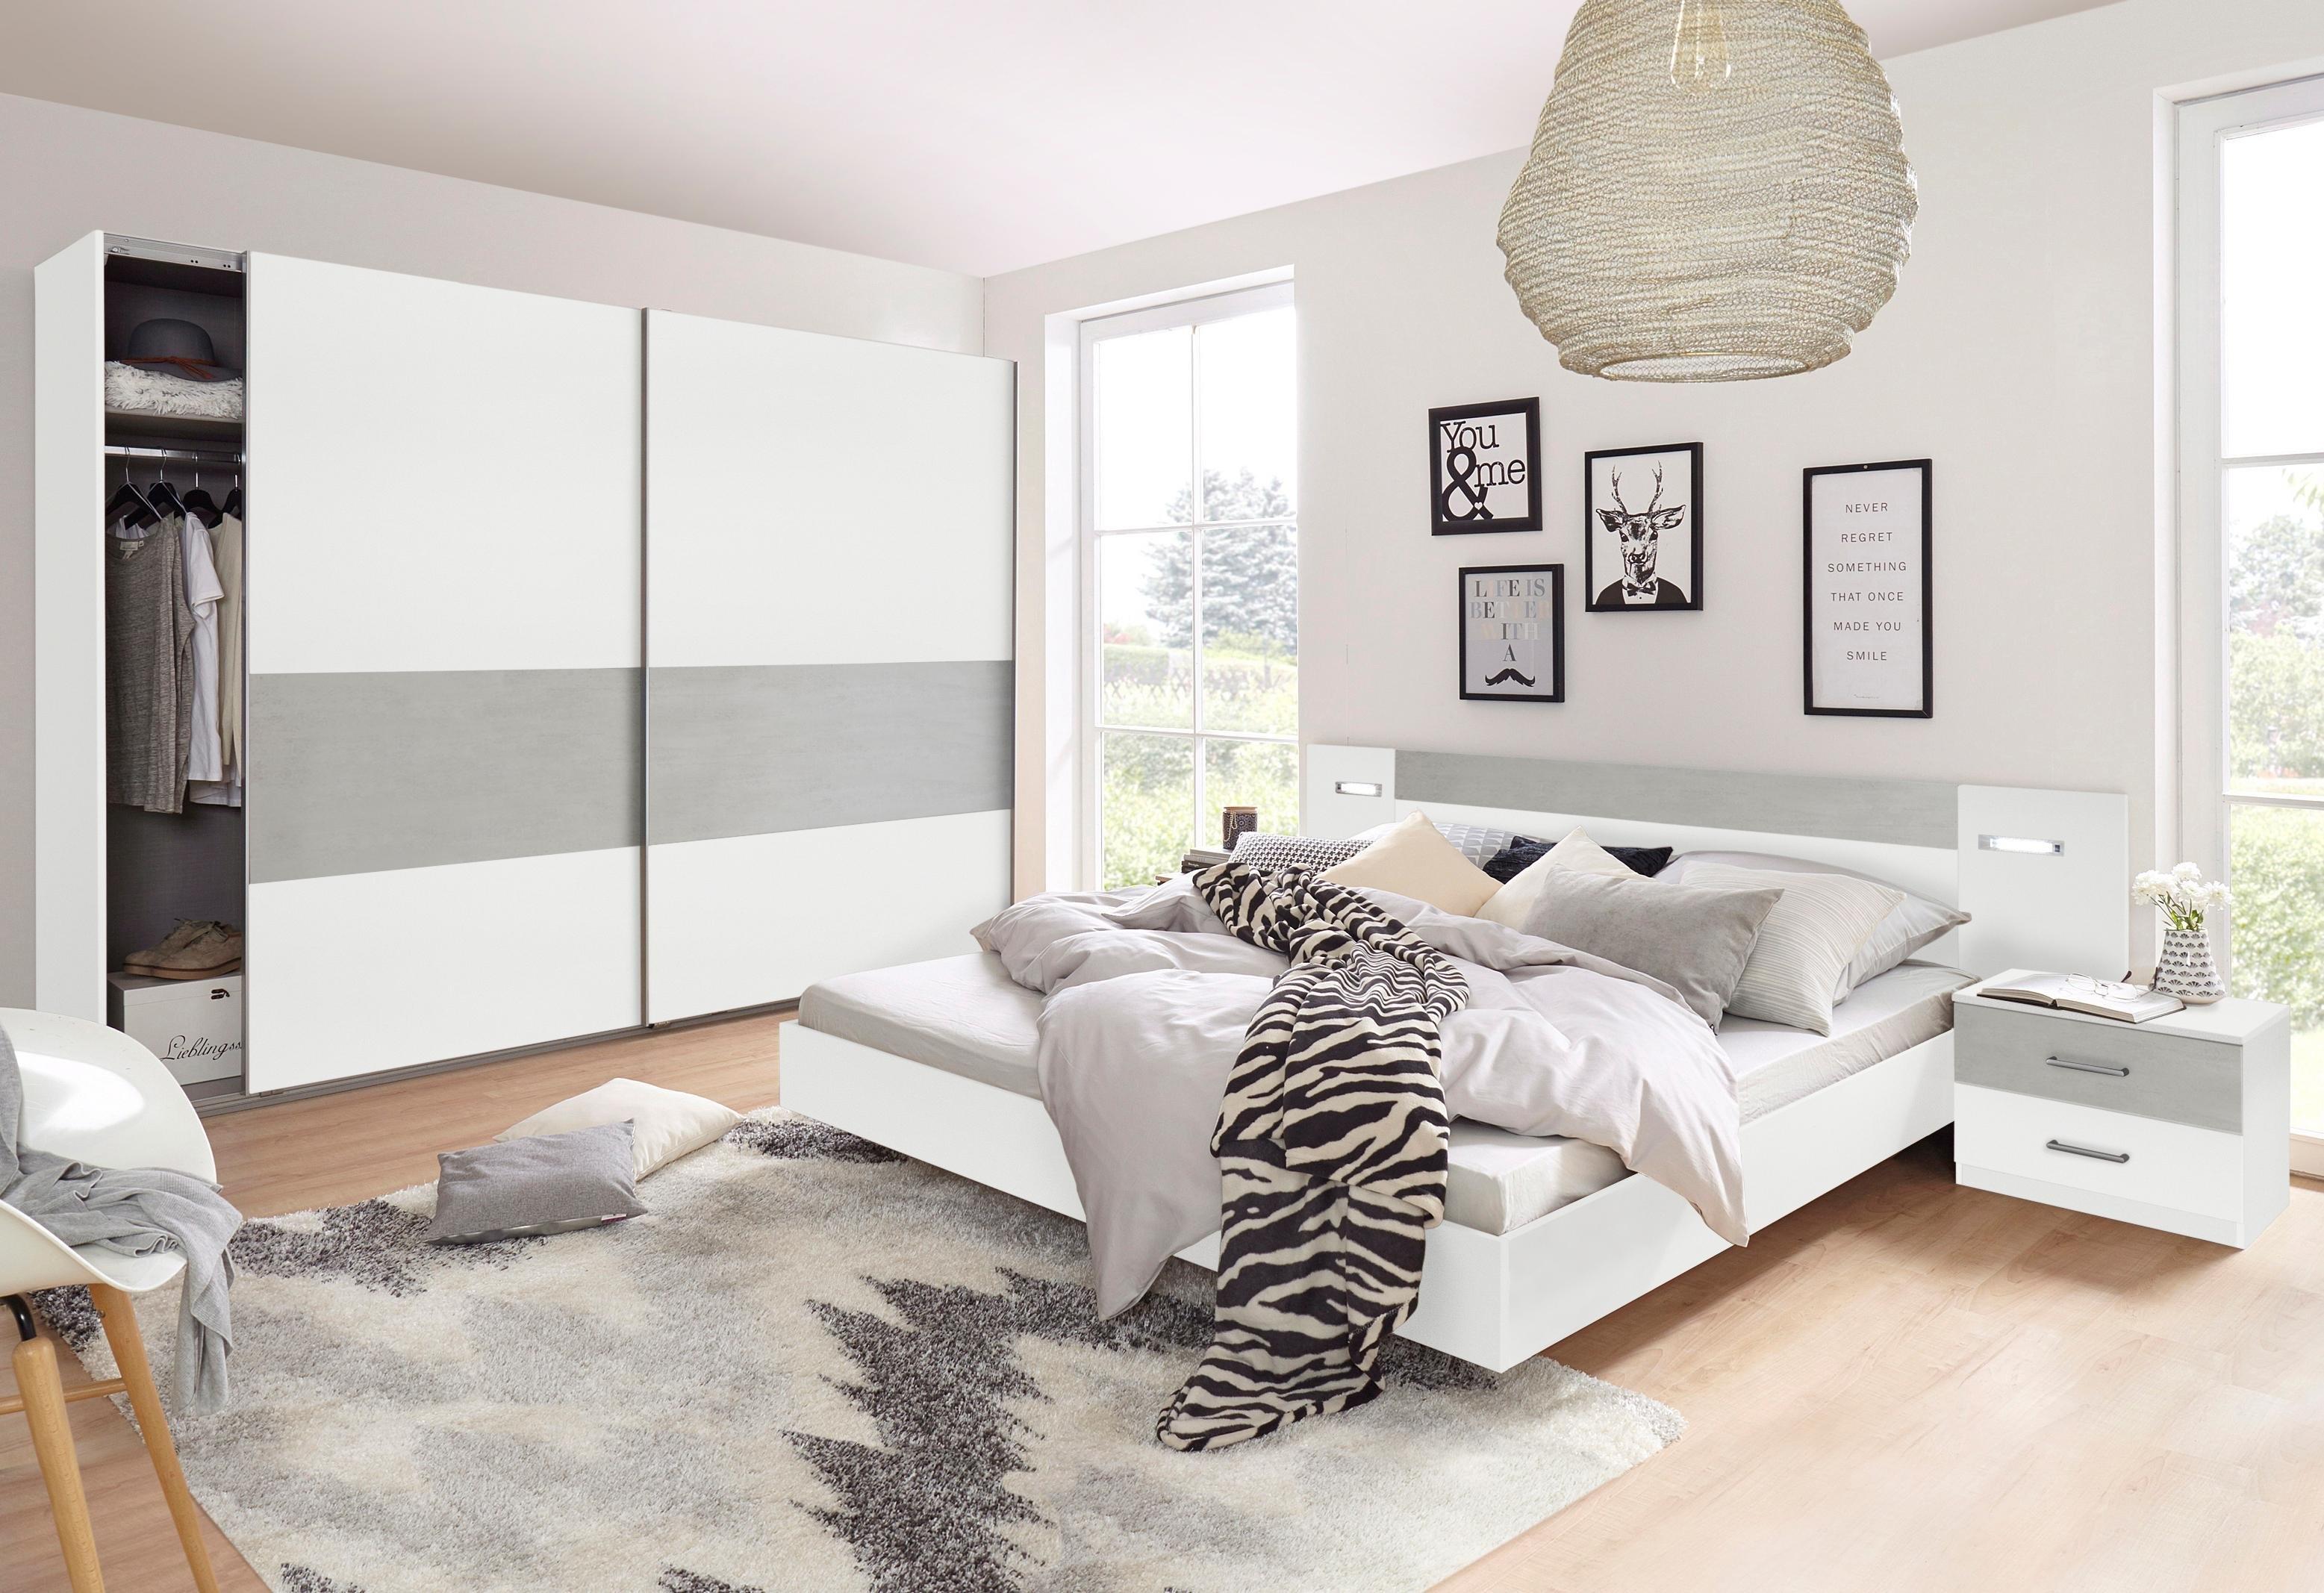 wimex slaapkamermeubelen in 4 delige set met spiegeldeuren wimex slaapkamerserie met garderobekast 4 dlg rauch 4 delige slaapkamer voordeelset